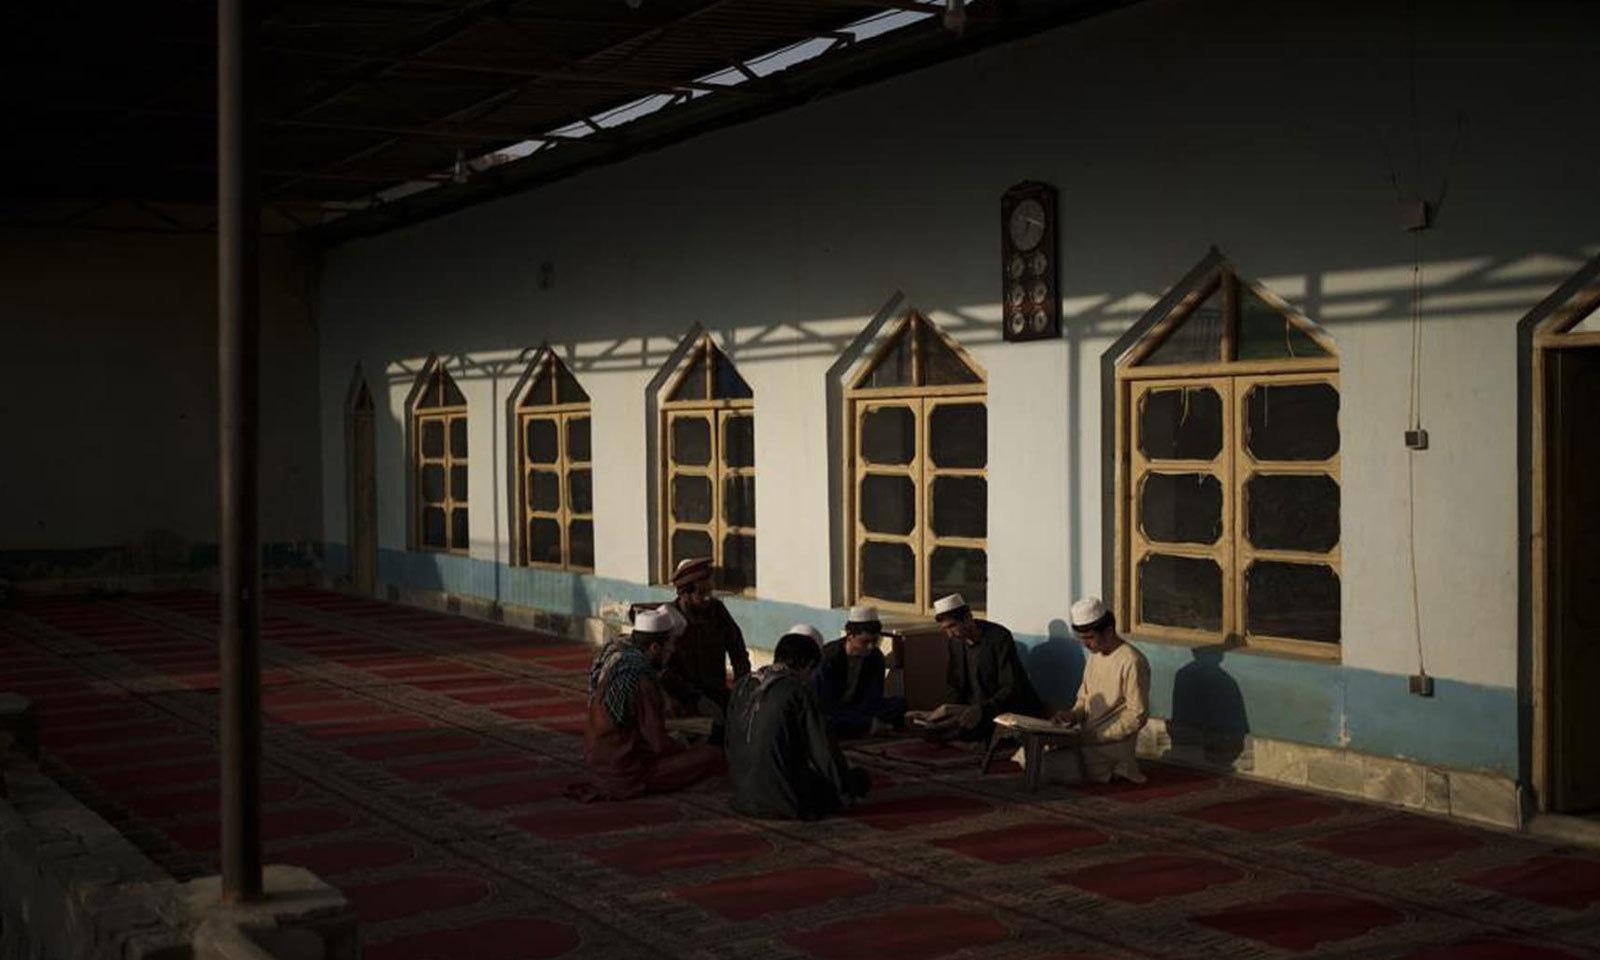 مدرسے کے طلبا صبح کے ساڑھے 4 بجے بیدار ہوجاتے ہیں اور عبادت سے دن کا آغاز کرتے ہیں —فوٹو: اے پی